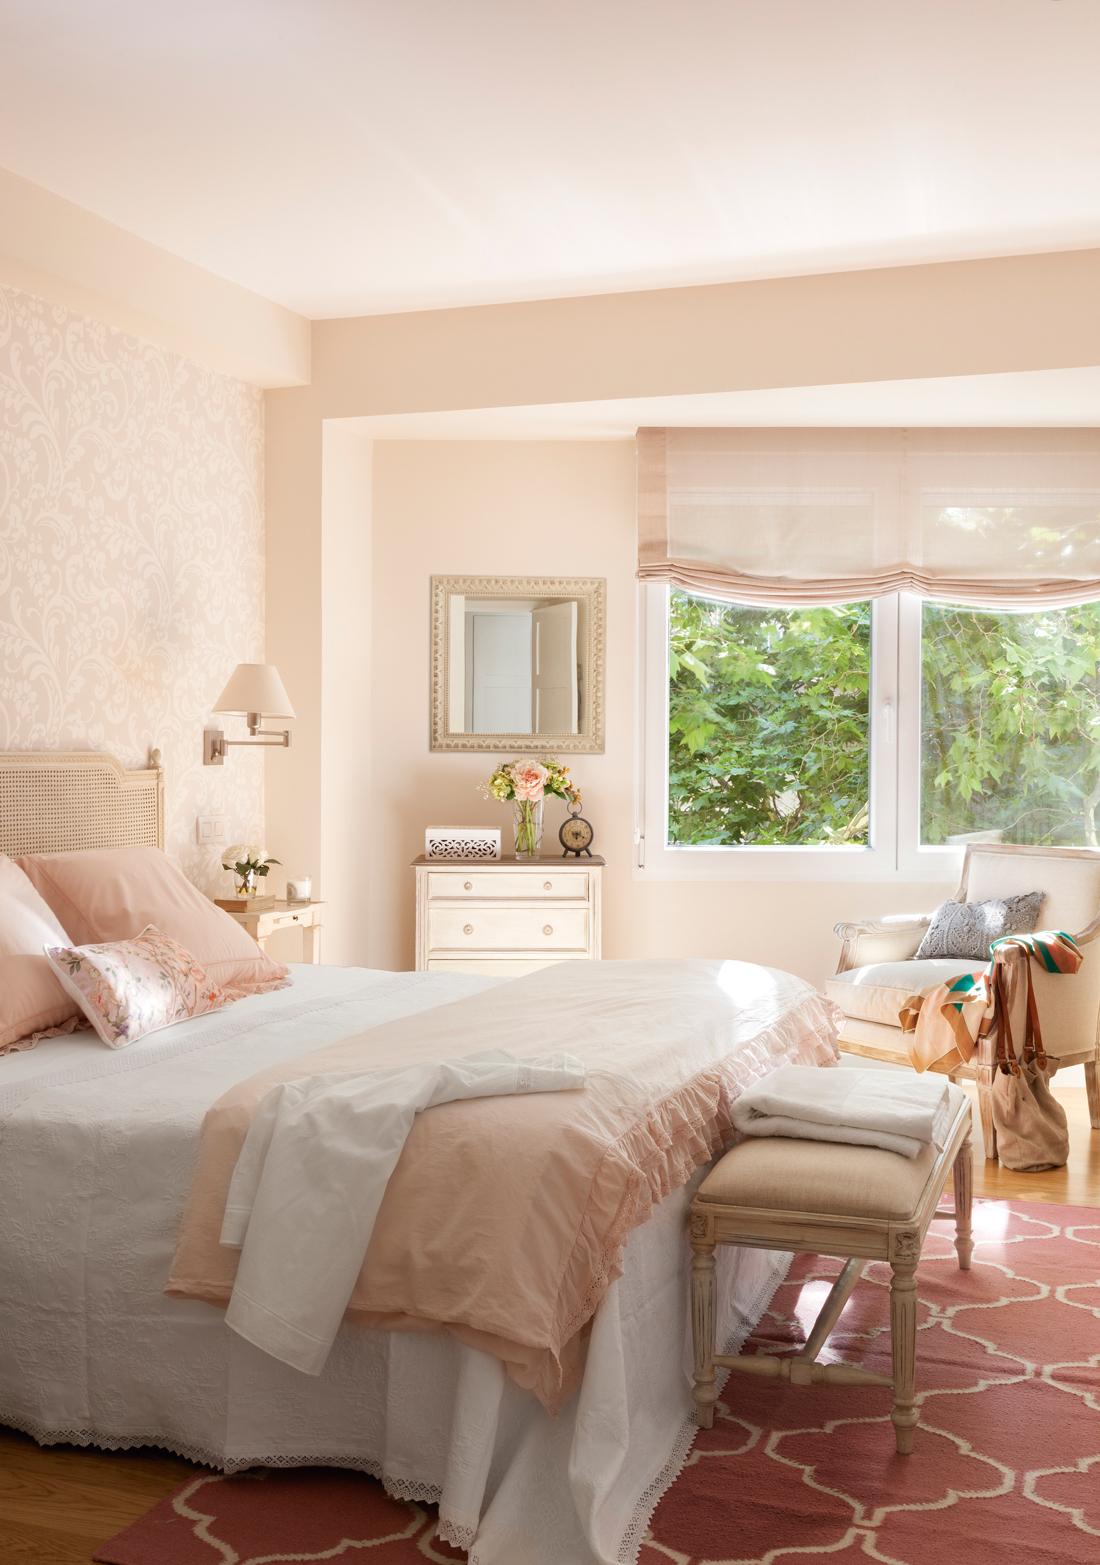 El Mueble Dormitorios Thdr 50 Dormitorios Principales Para Coger Ideas